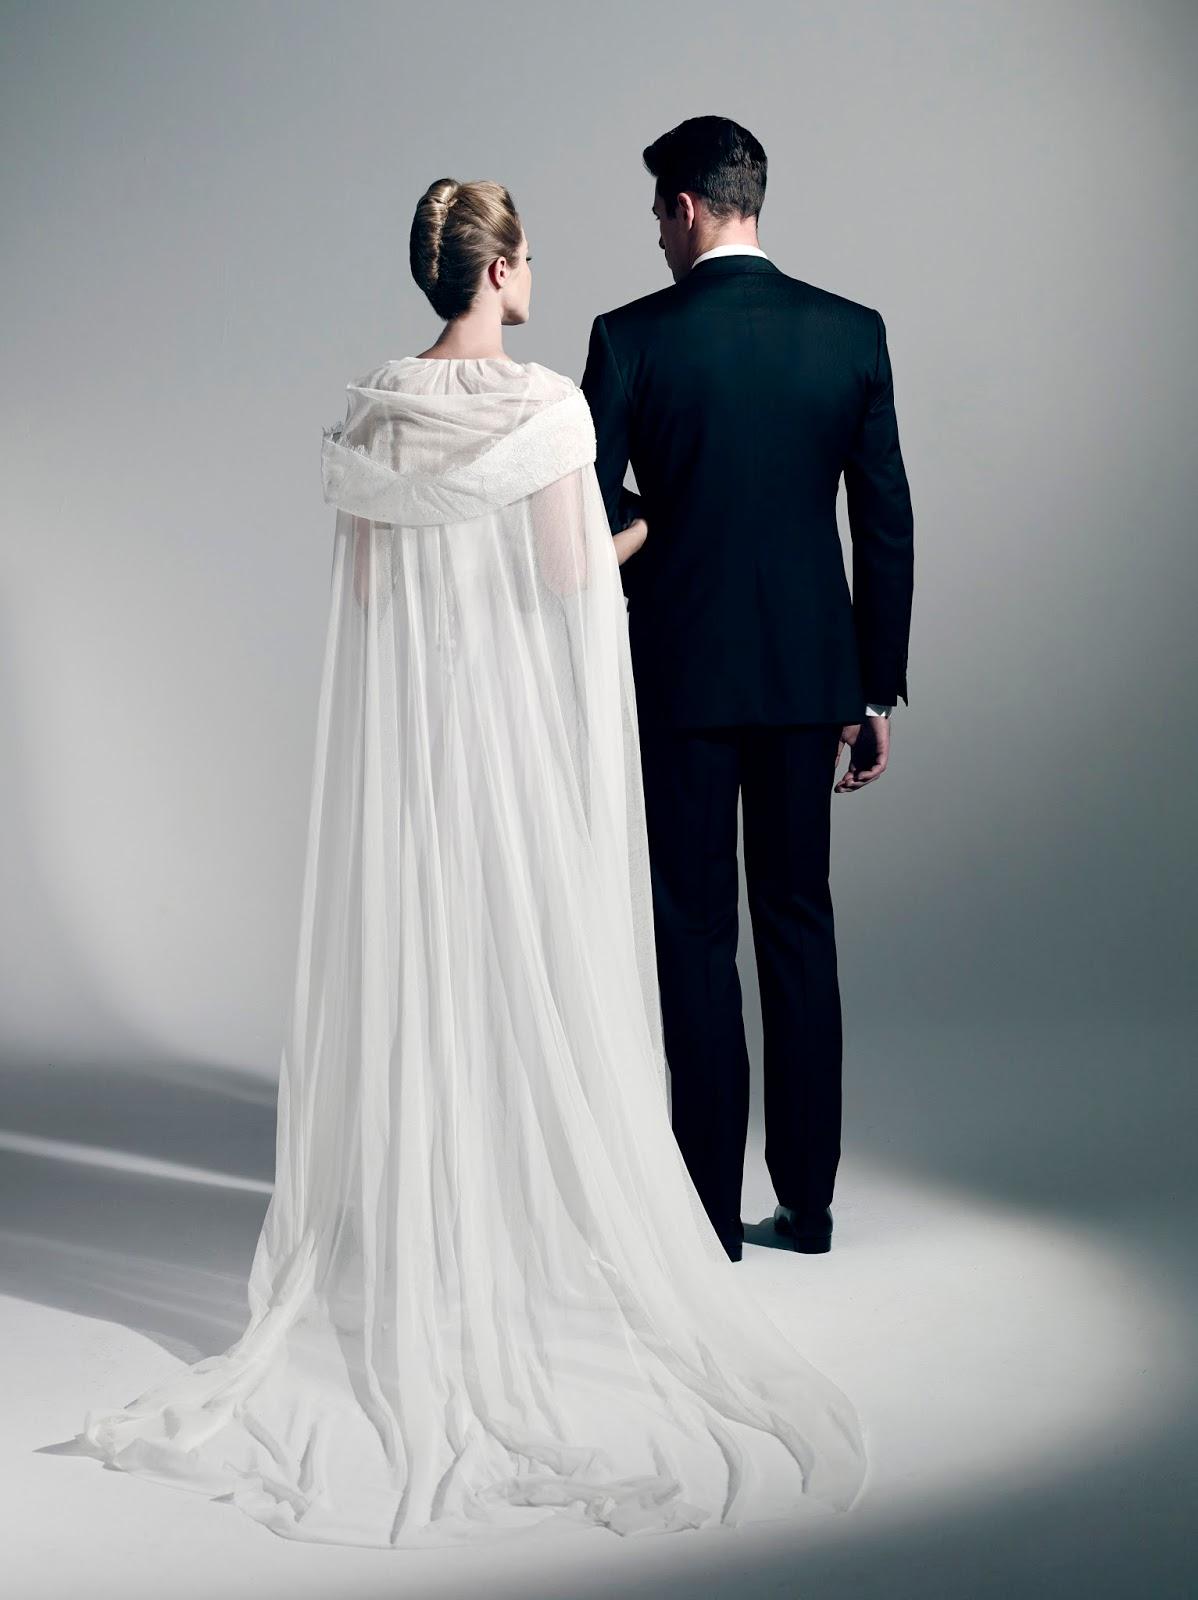 fanny liautard robe de mari e c r monie soir cocktail tailleur sur mesure cr ateur mode paris. Black Bedroom Furniture Sets. Home Design Ideas